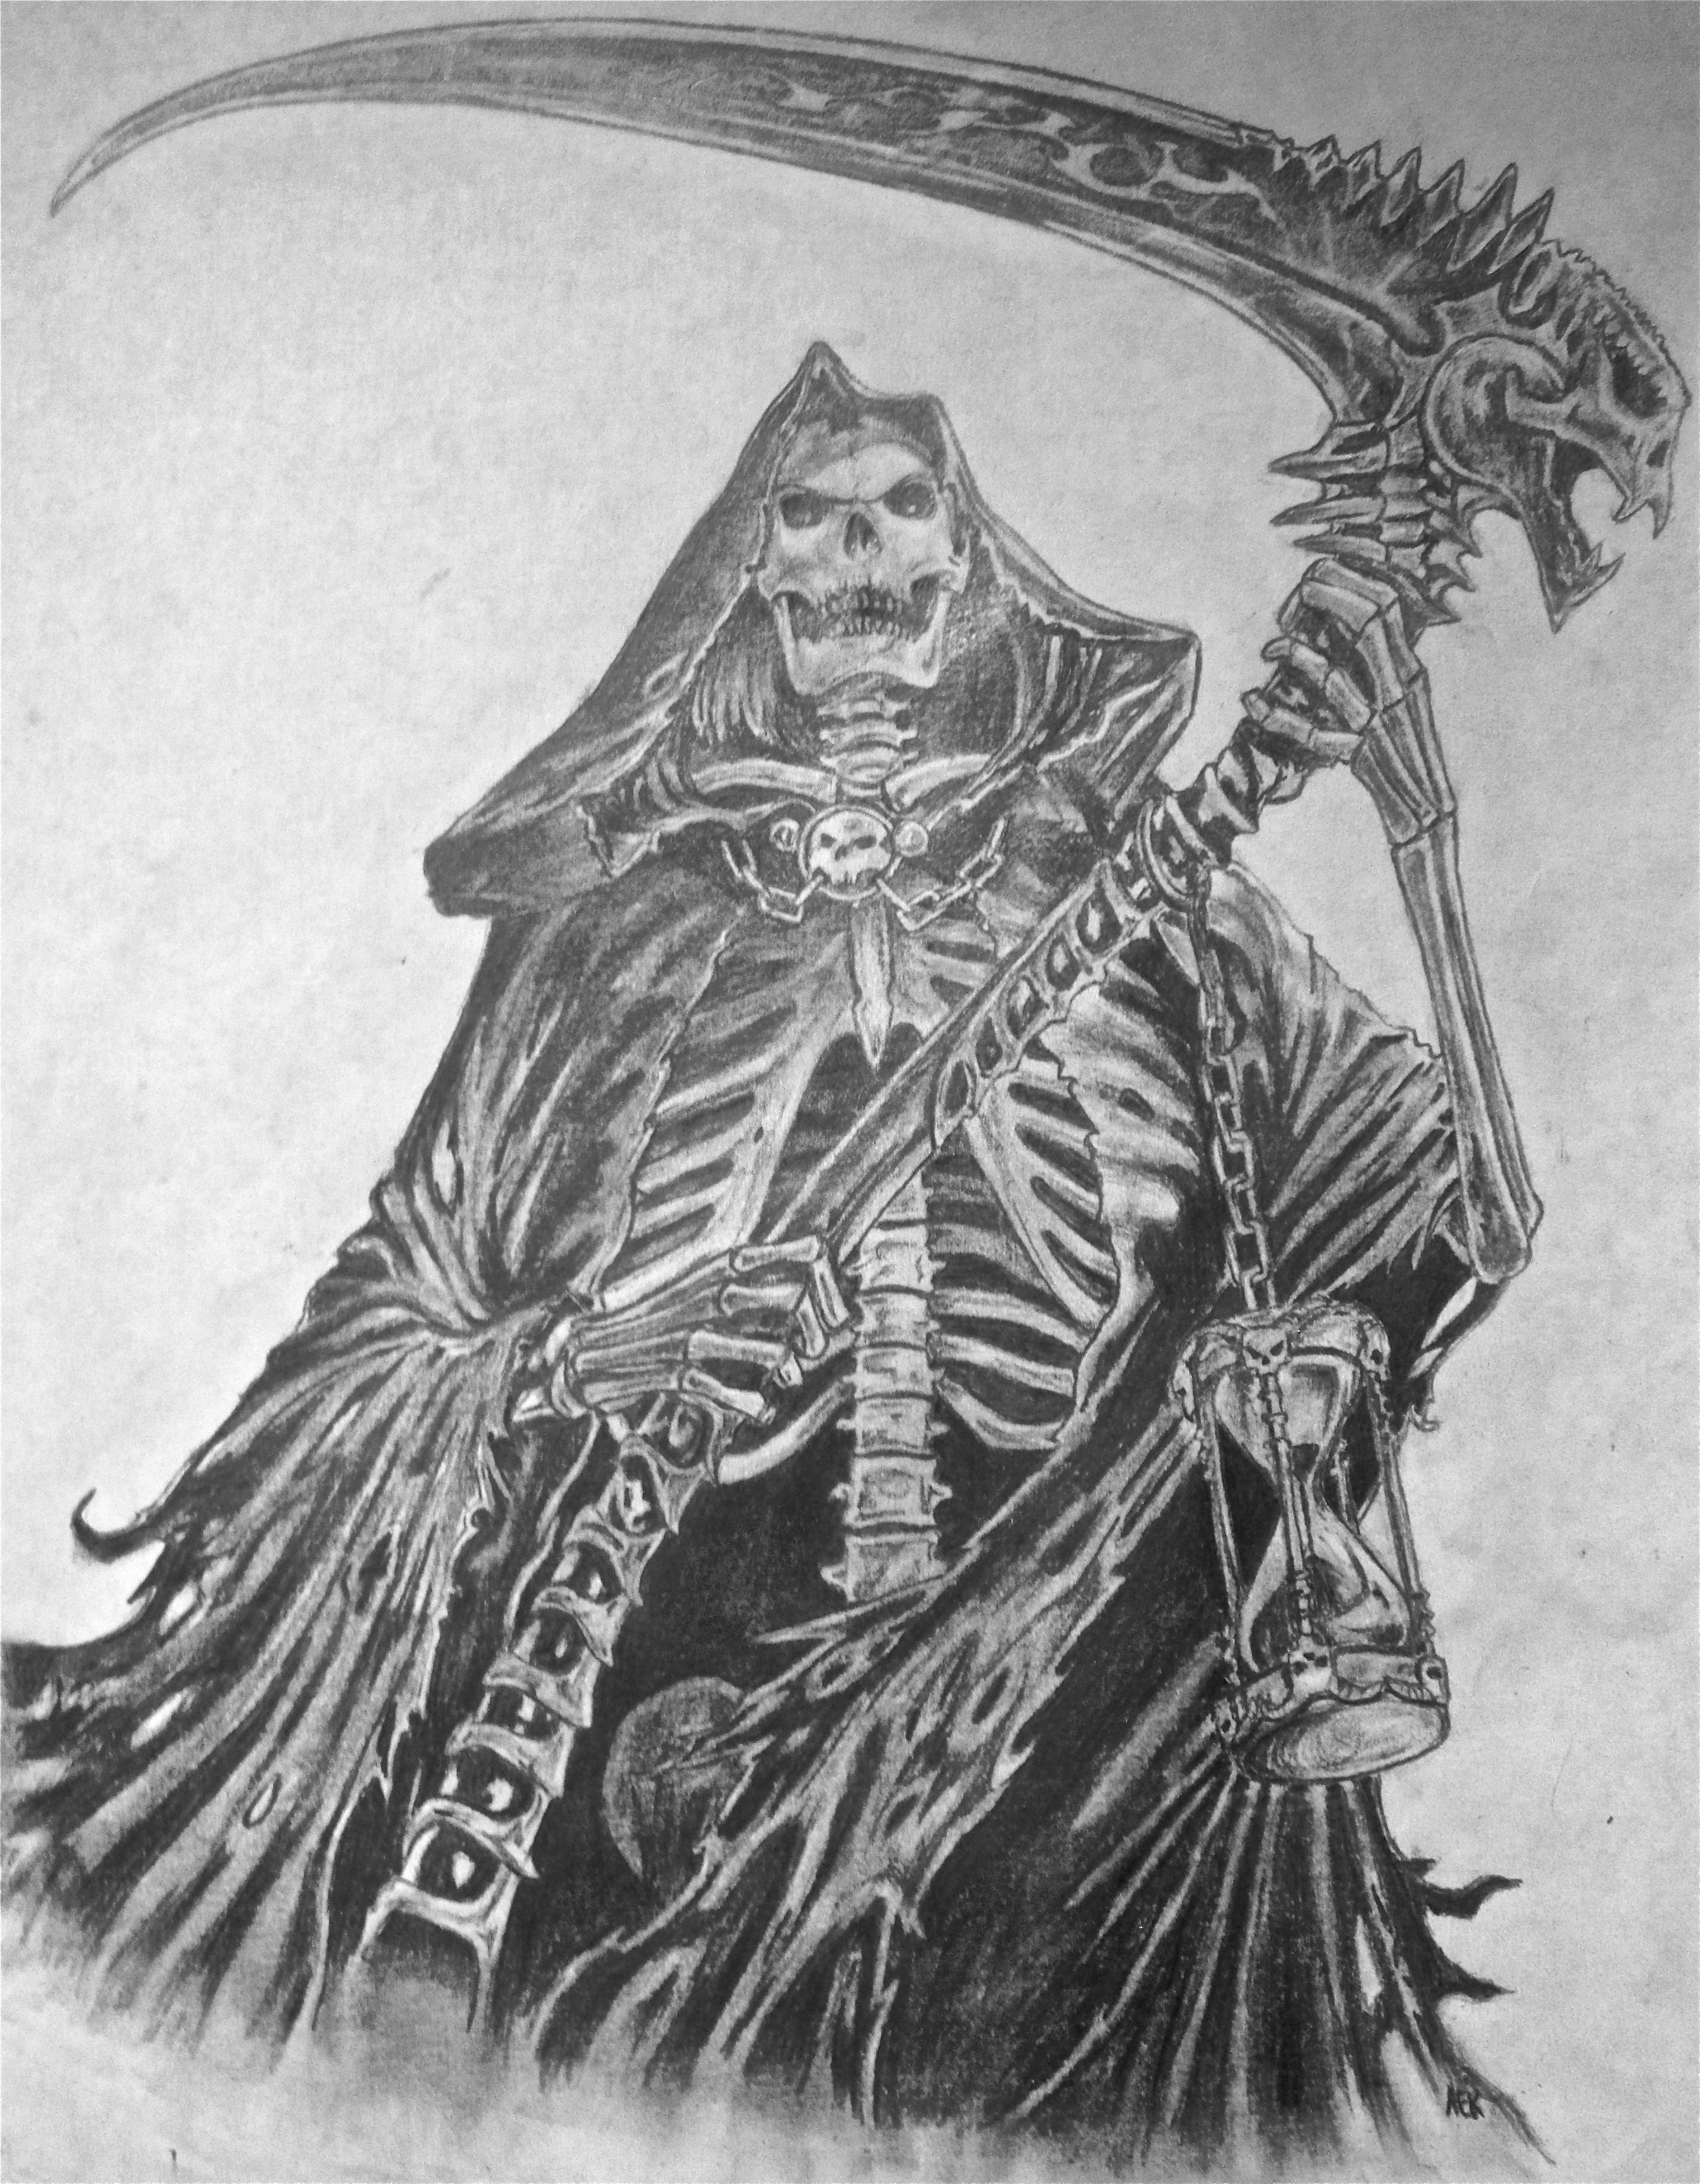 Drawn grim reaper skeleton Skeleton Teen Art/Photo Ink Teen